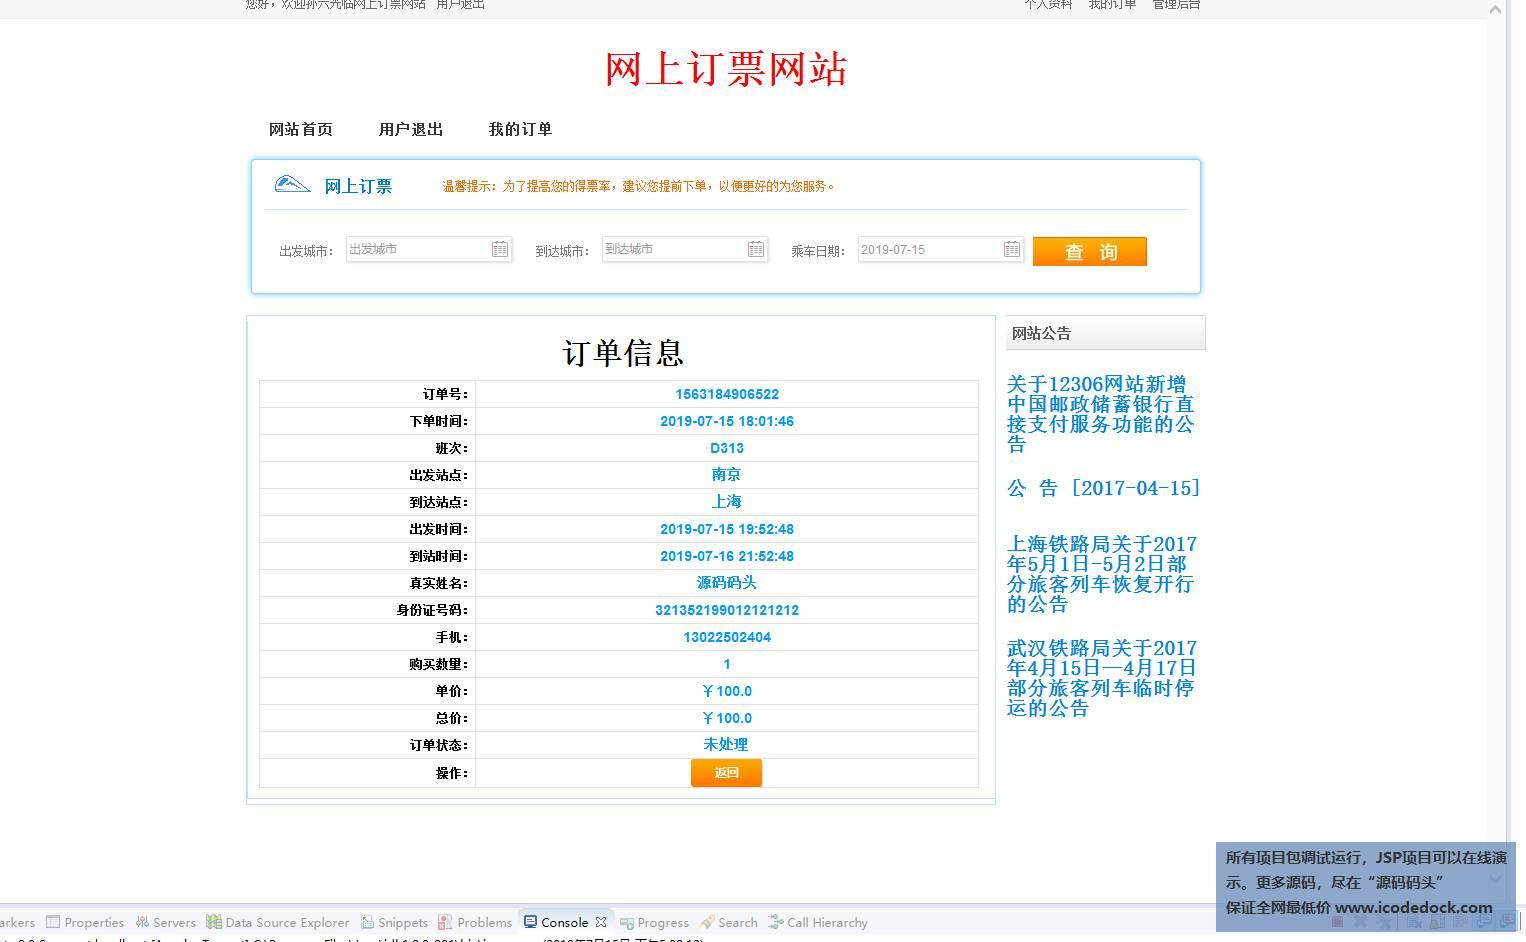 源码码头-SSH火车票售票管理系统-用户角色-查看订单详情